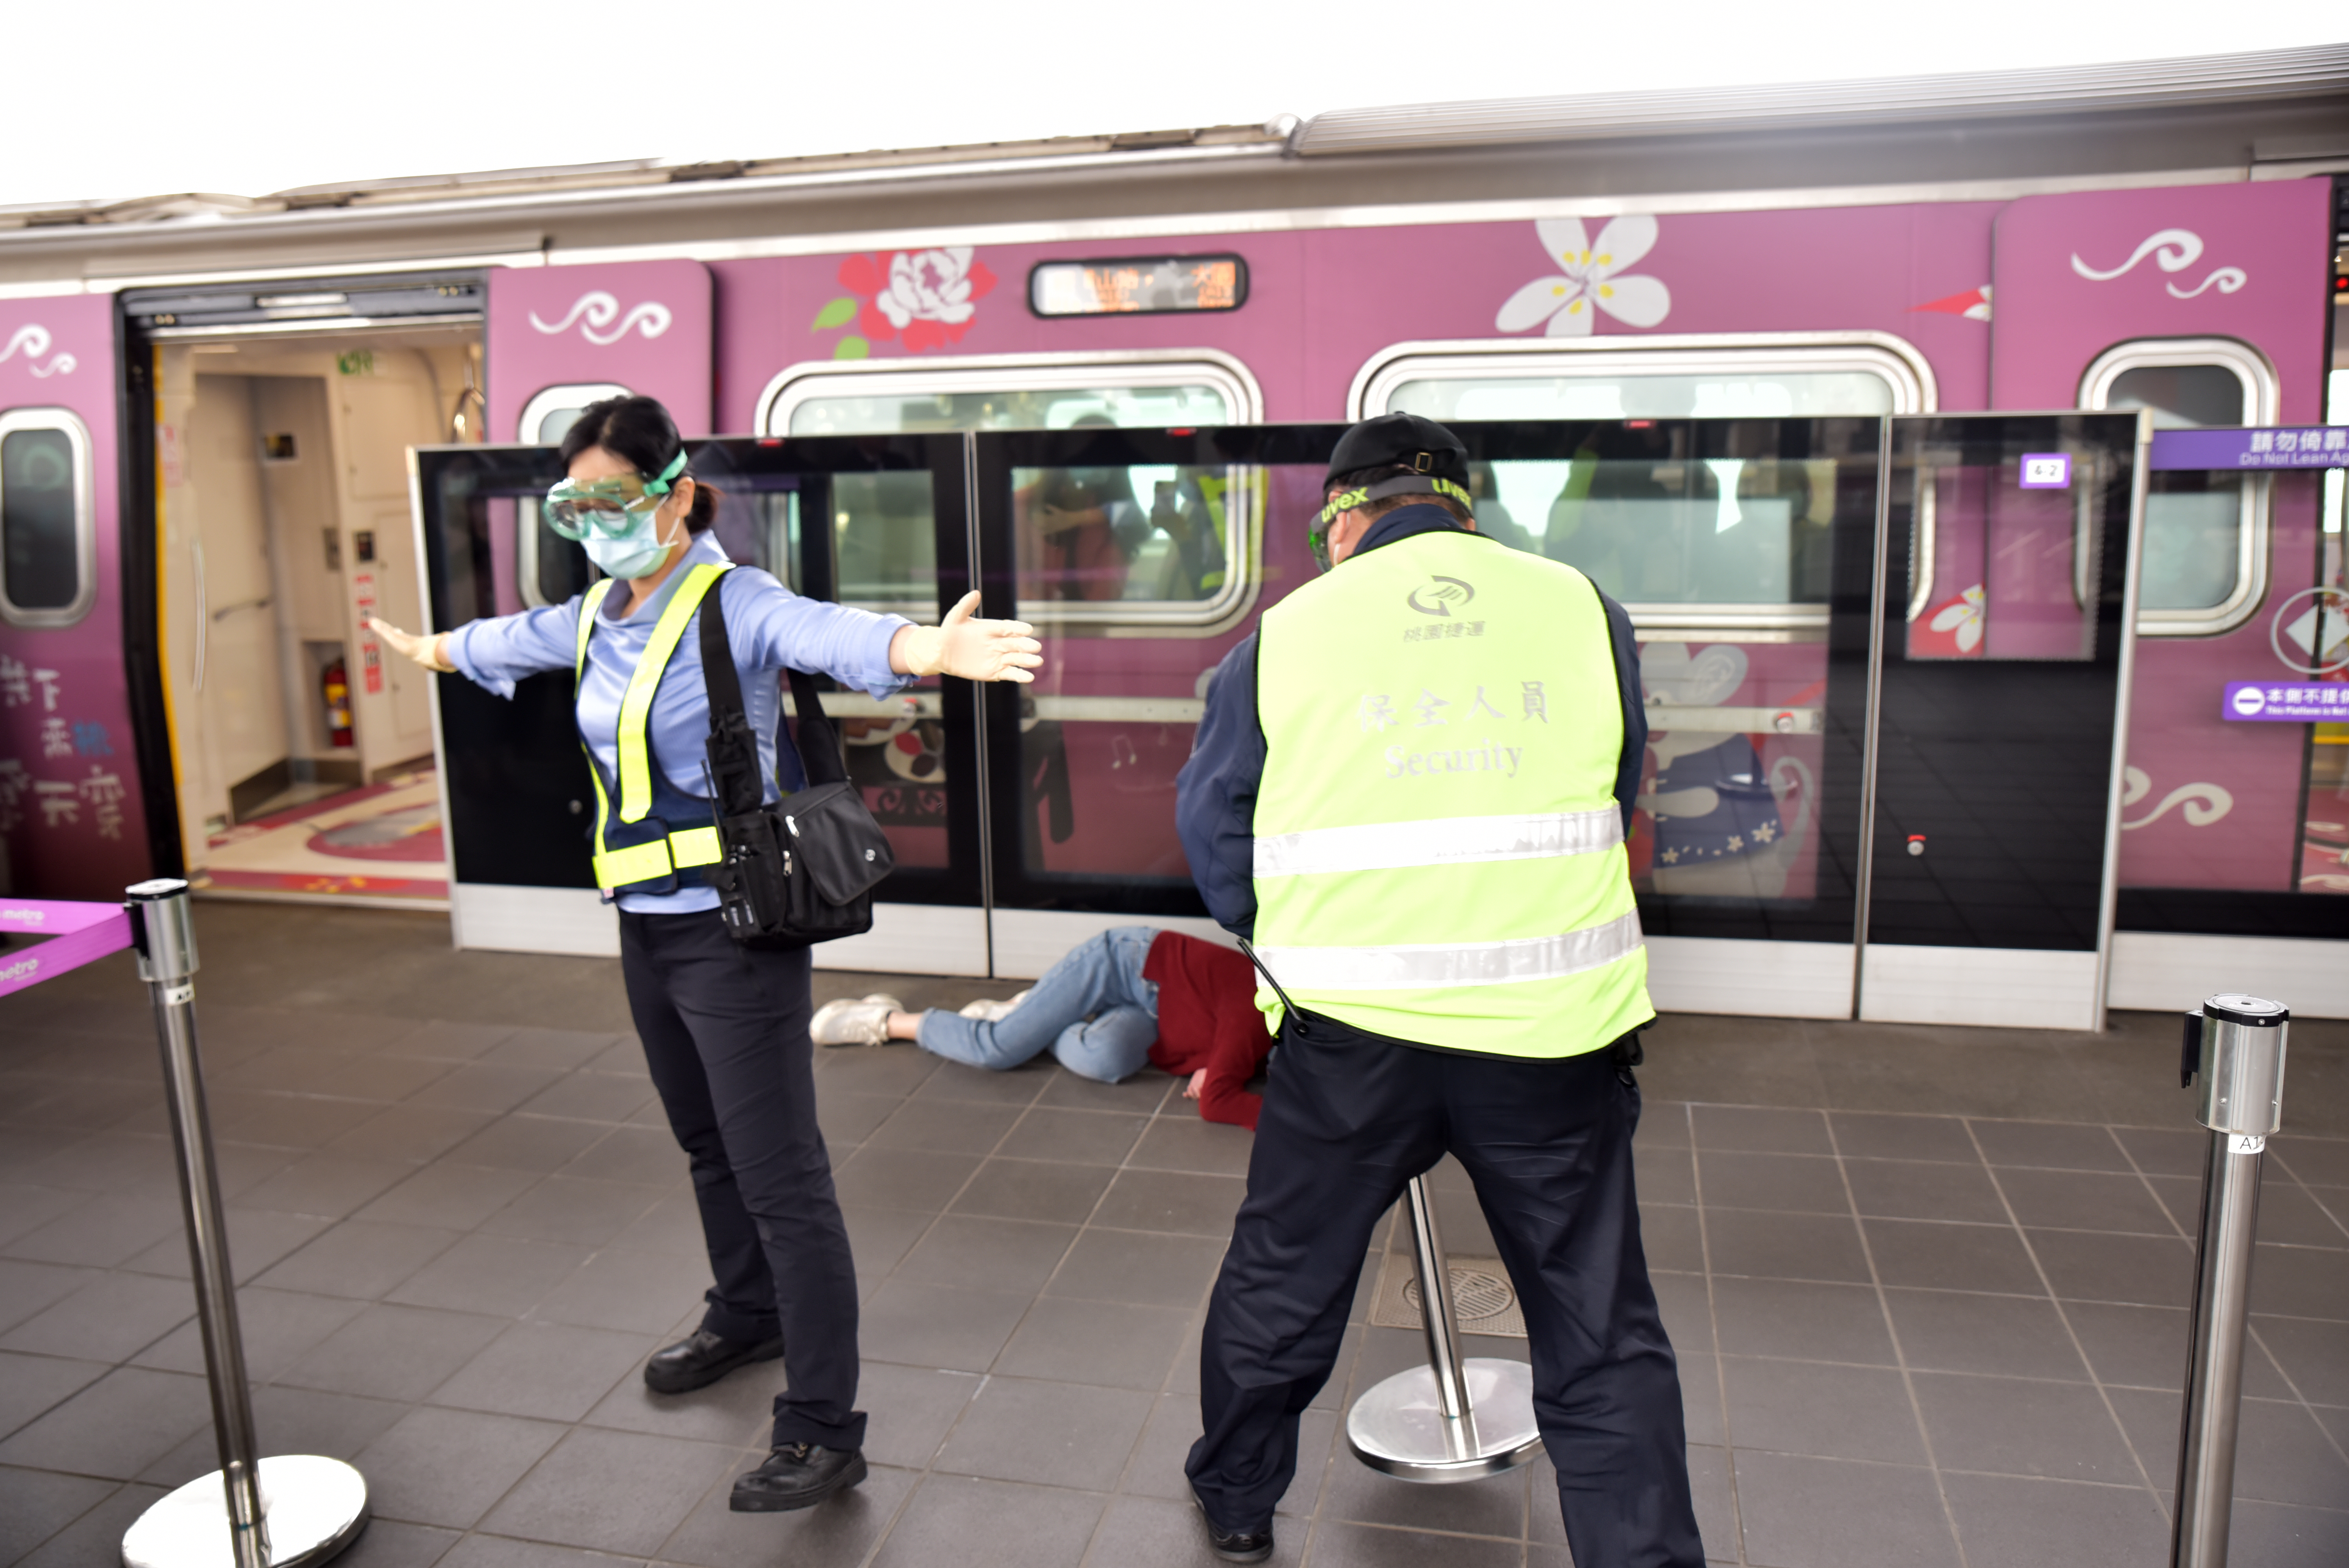 站務人員將疑似染疫旅客隔離